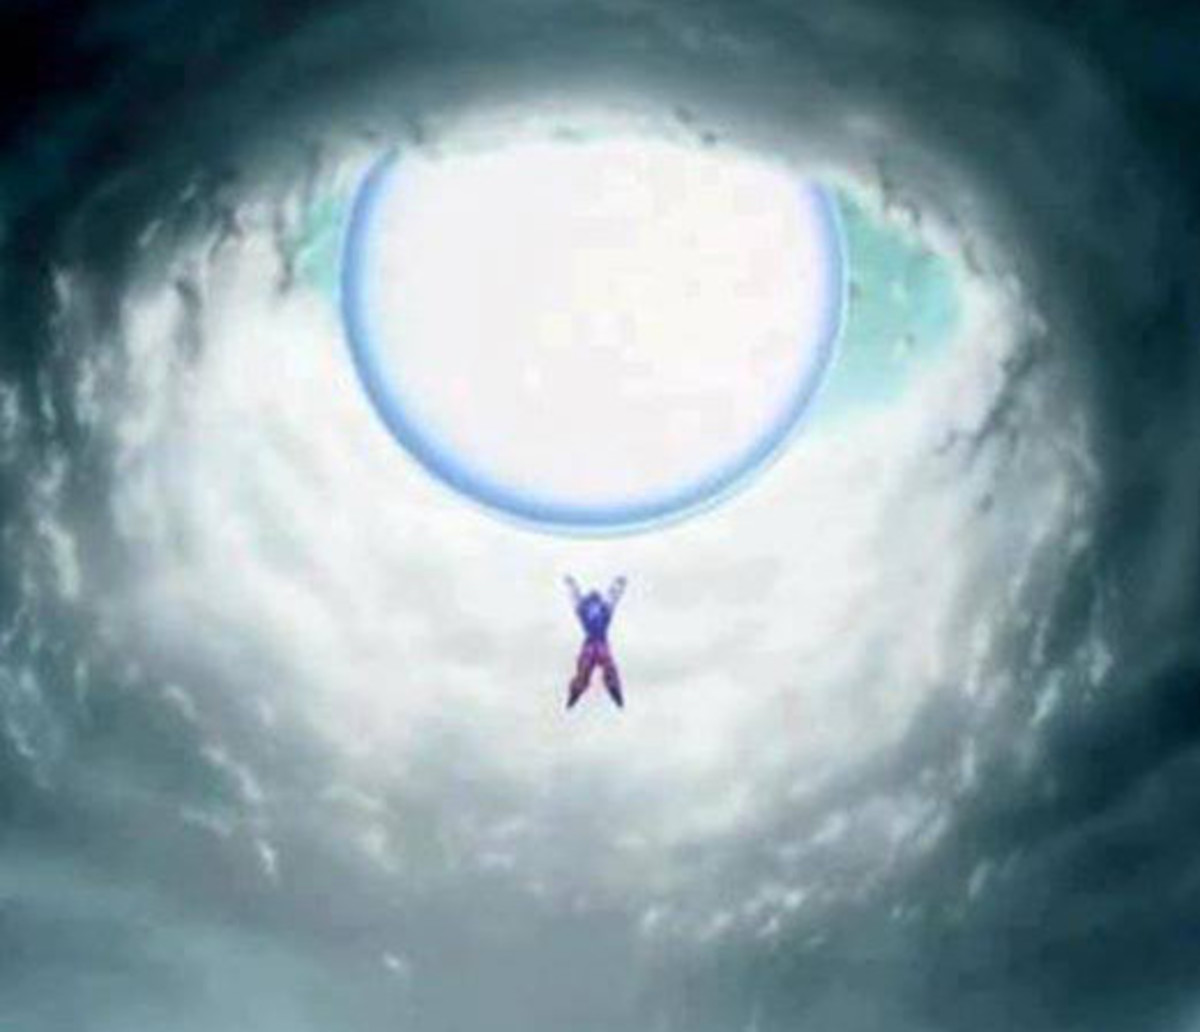 Goku charging a Spirit Bomb.